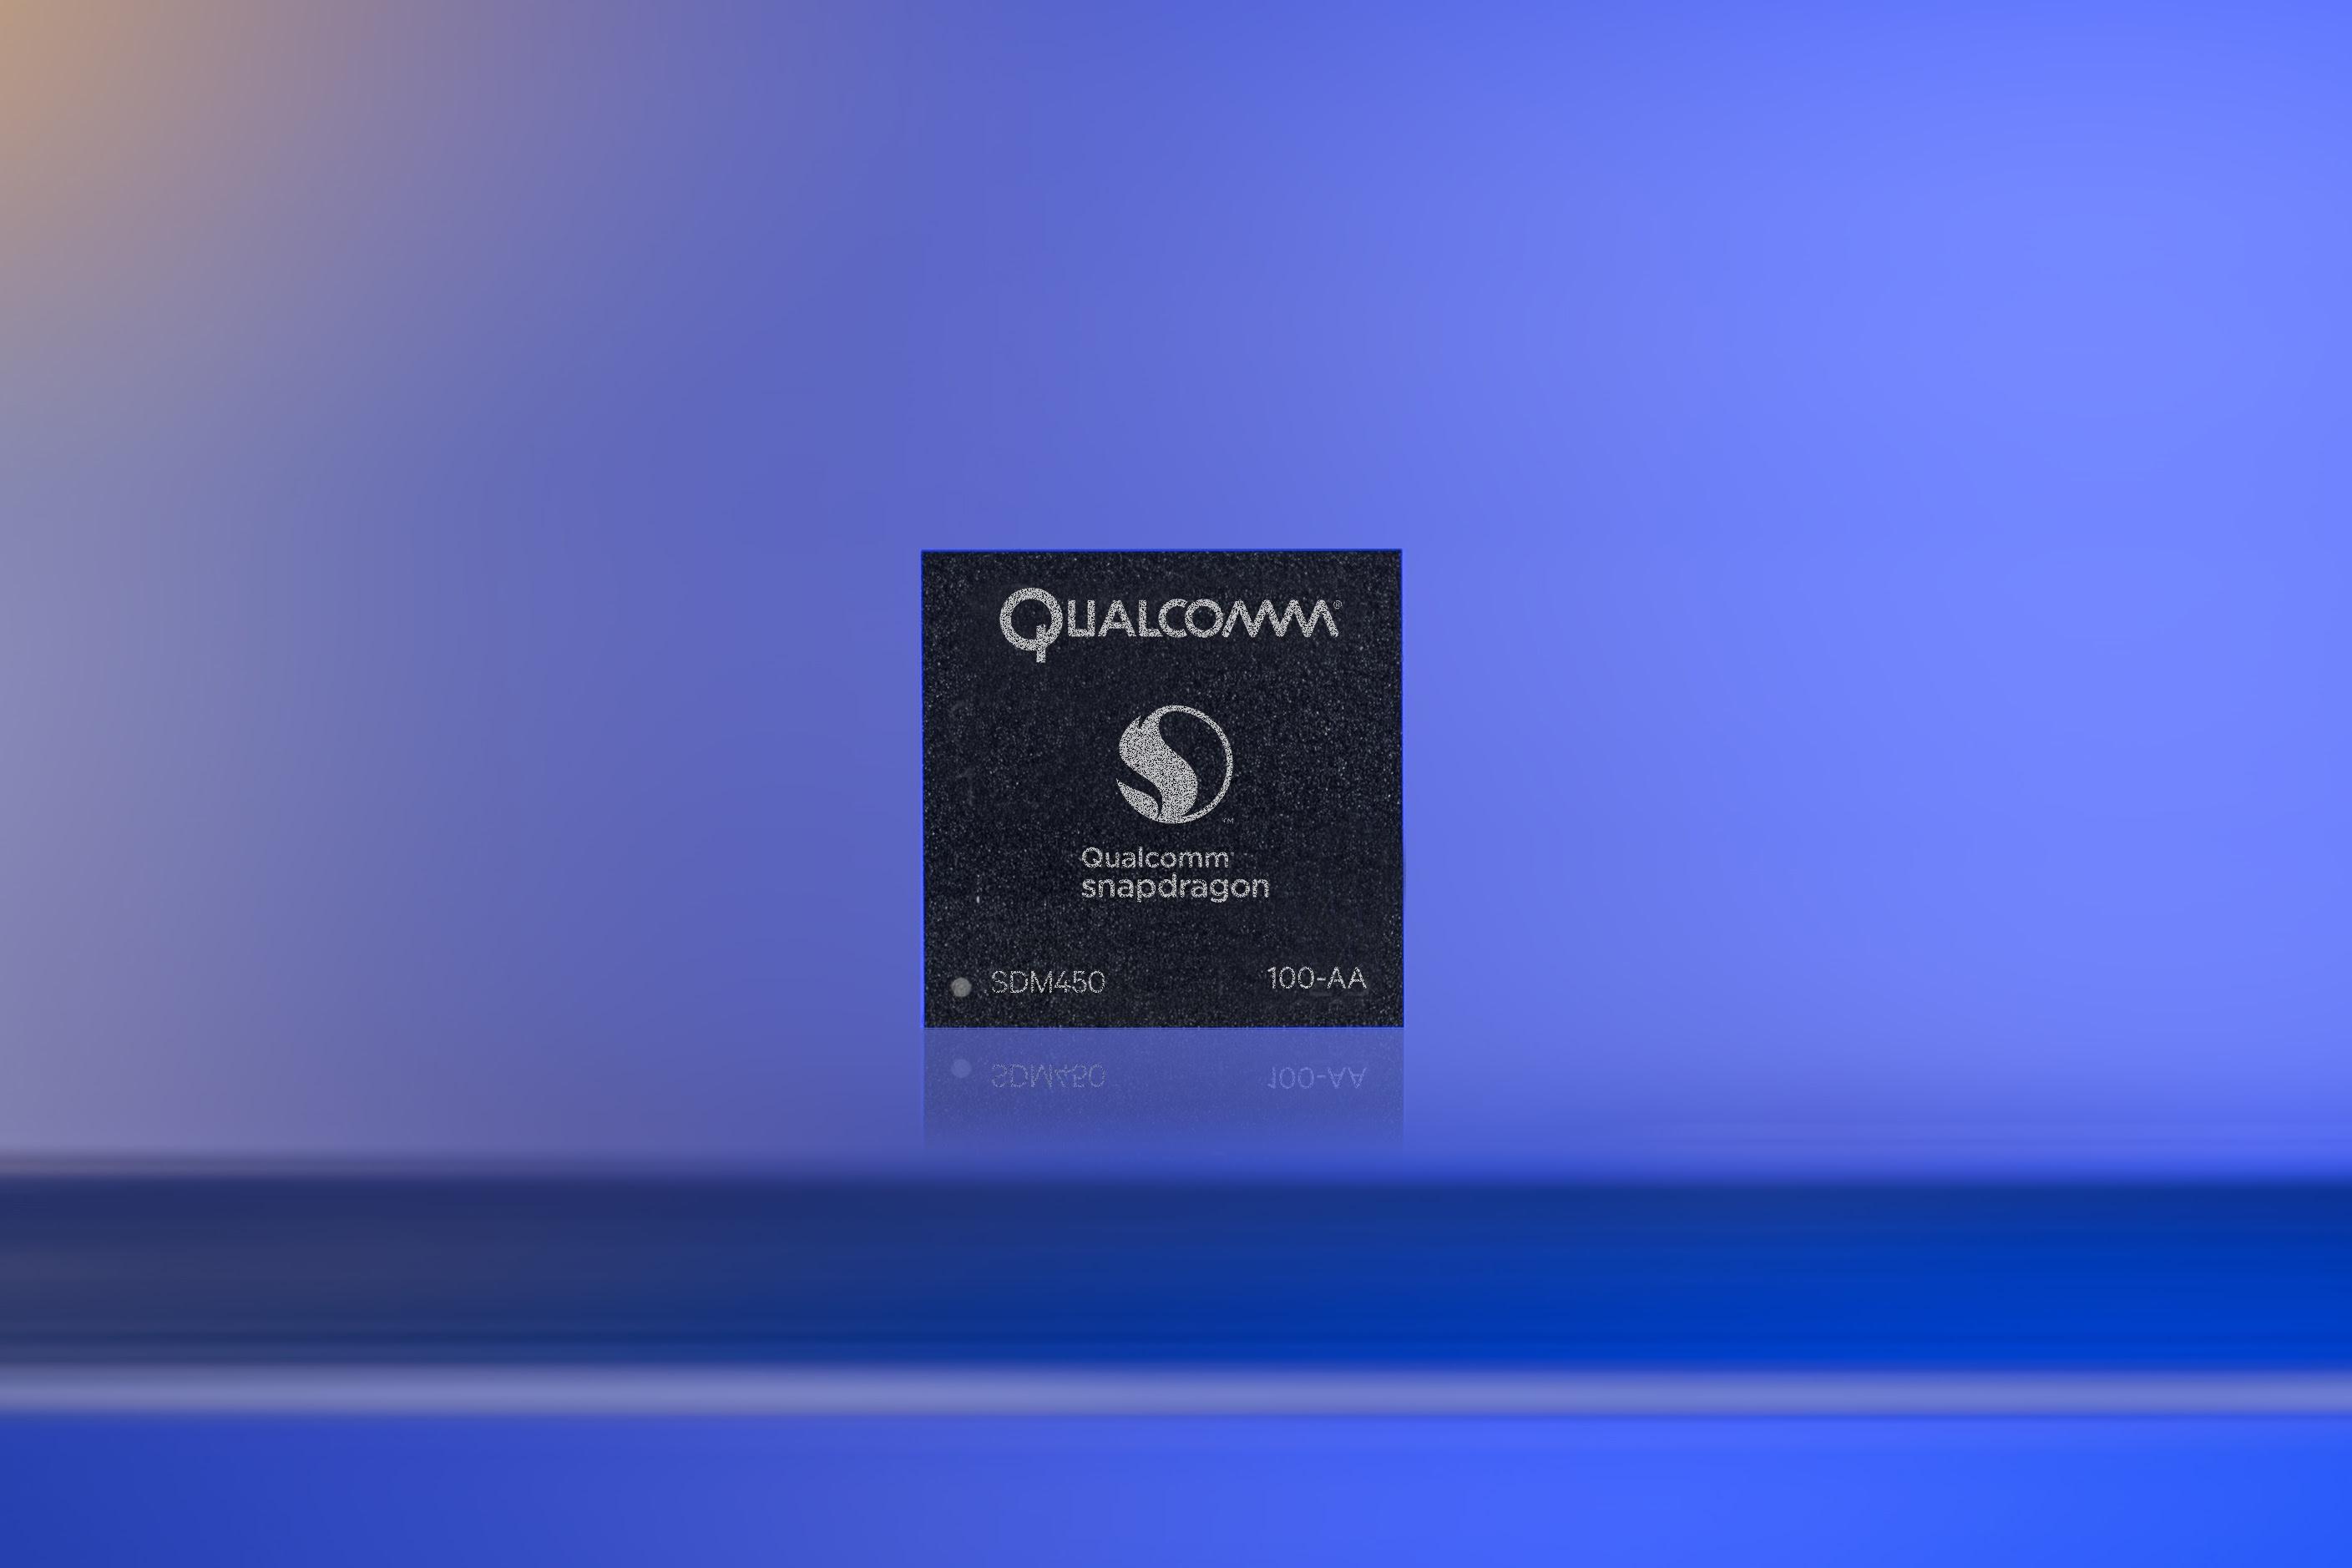 Qualcomm представила продвинутый чип Snapdragon 450 для смартфонов среднего класса